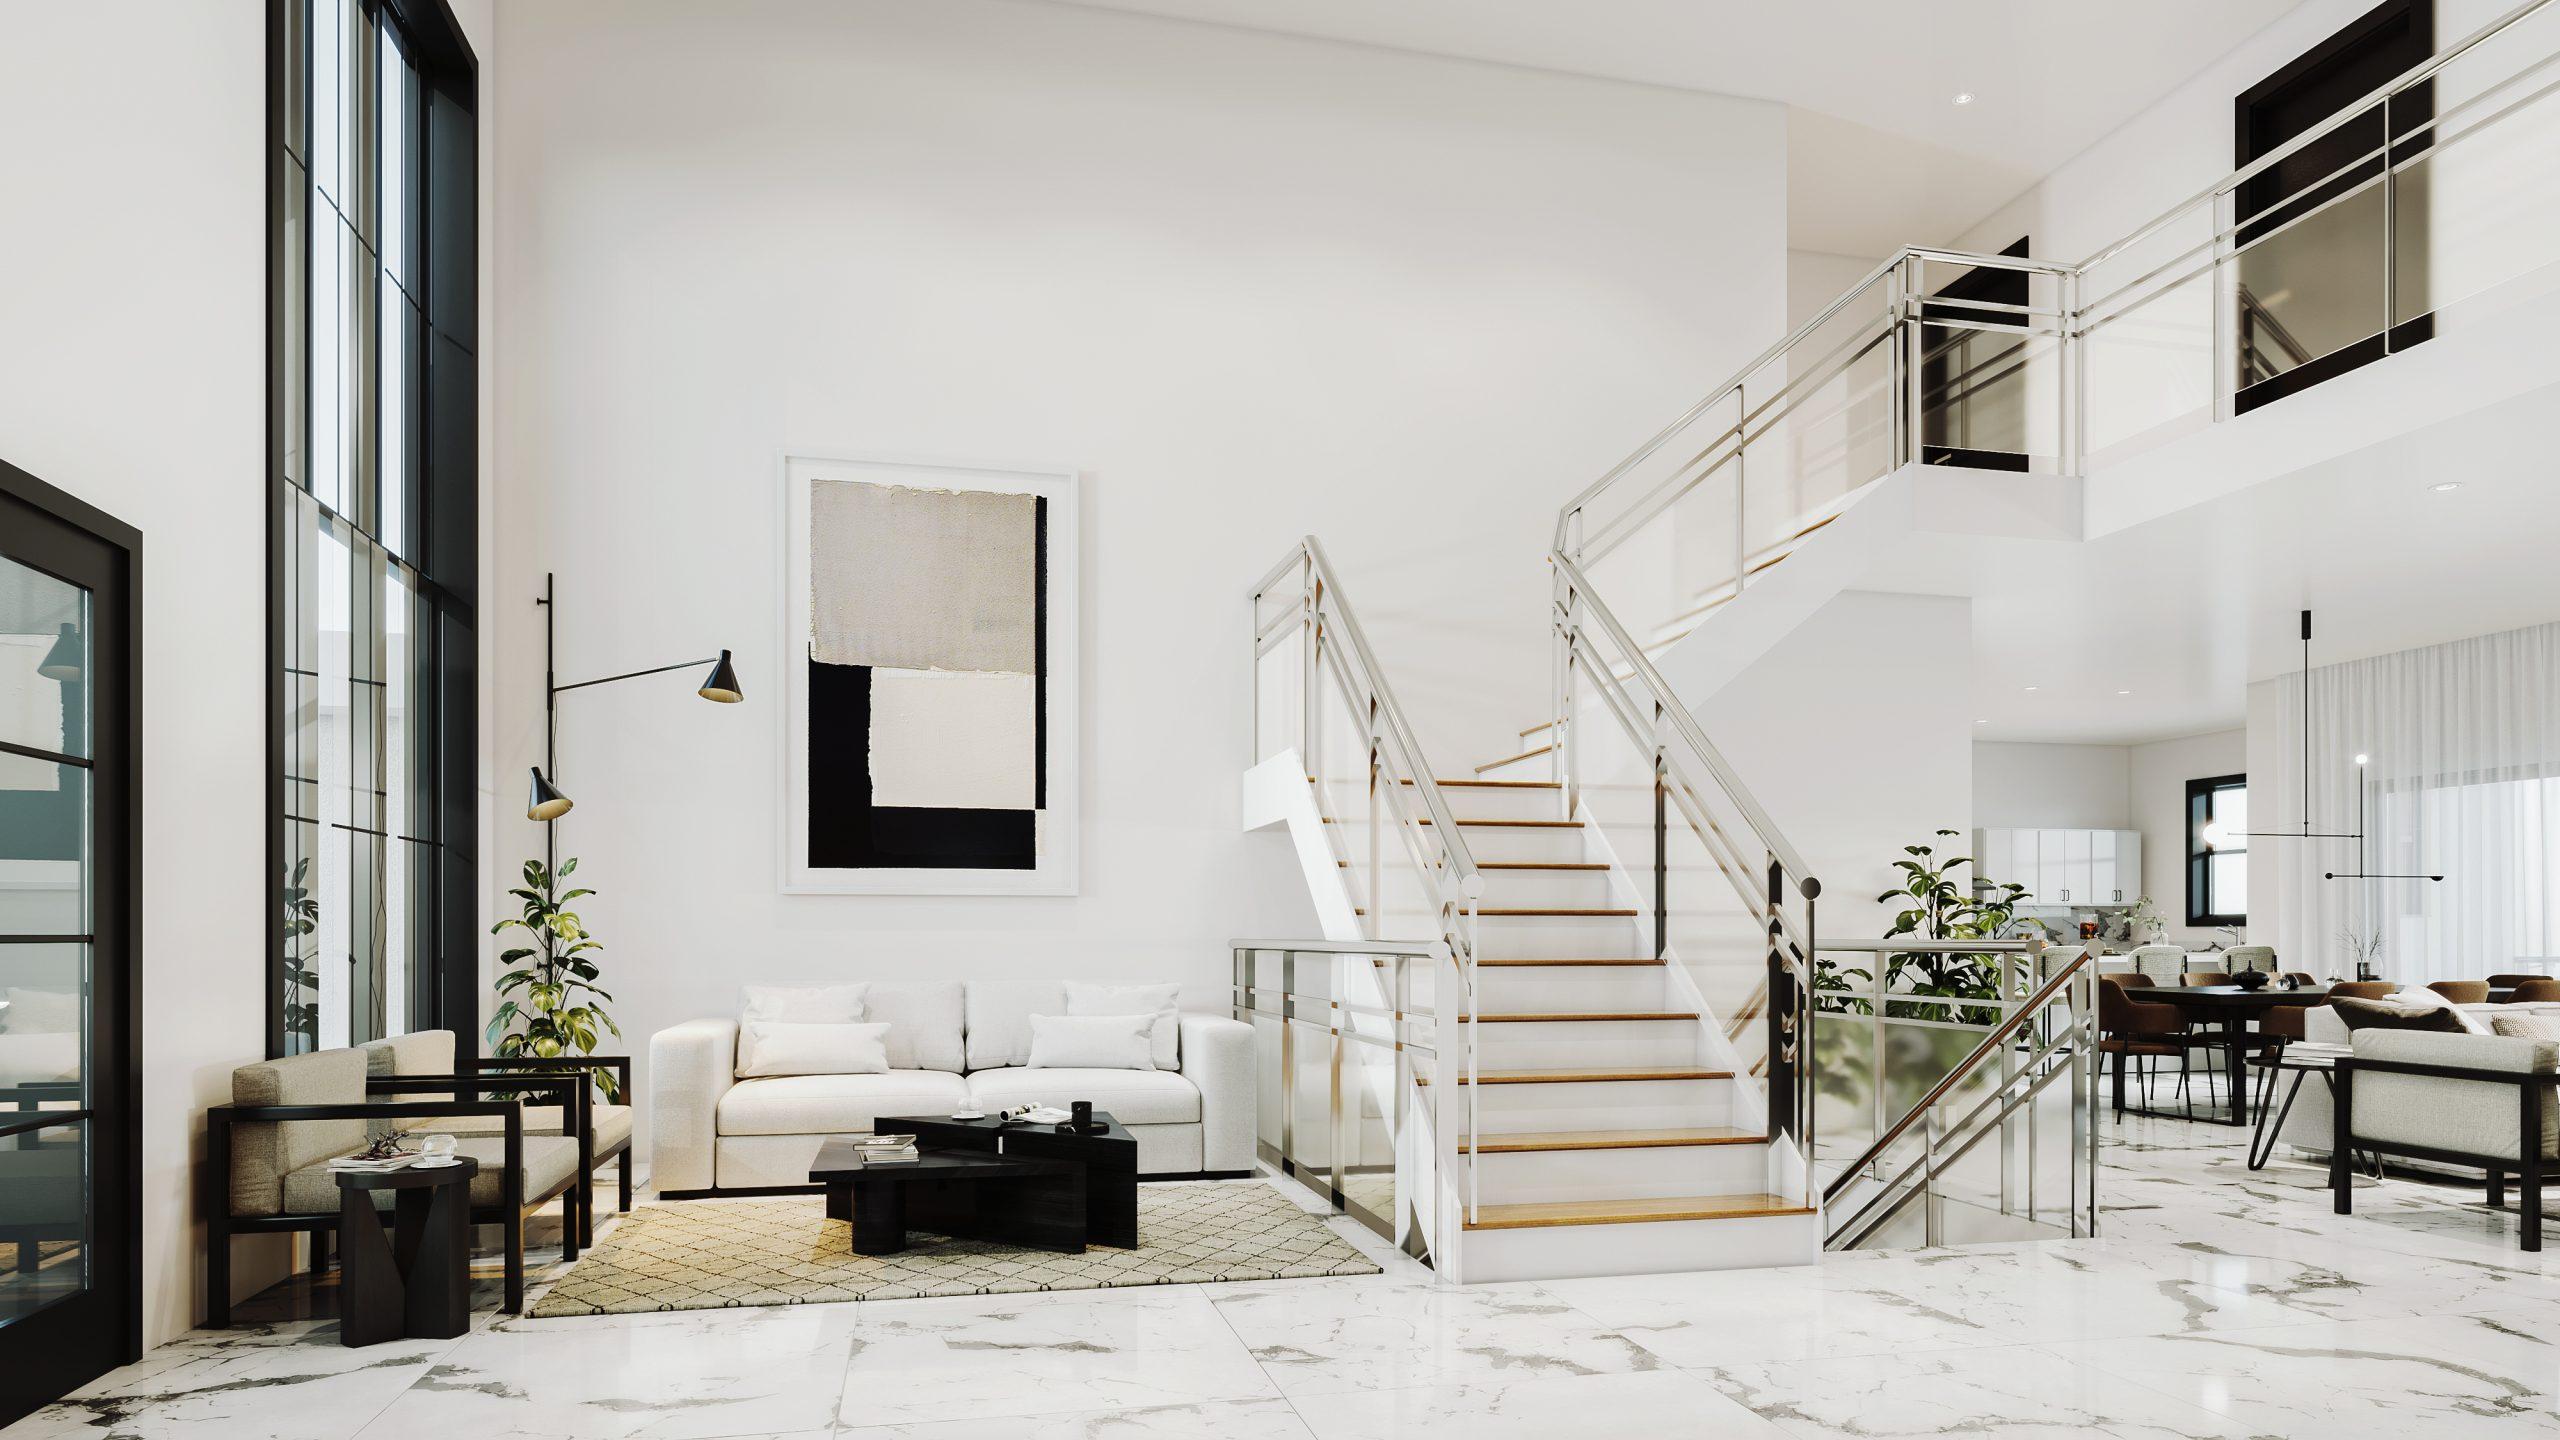 Coquitlam interior designer, healthy living space